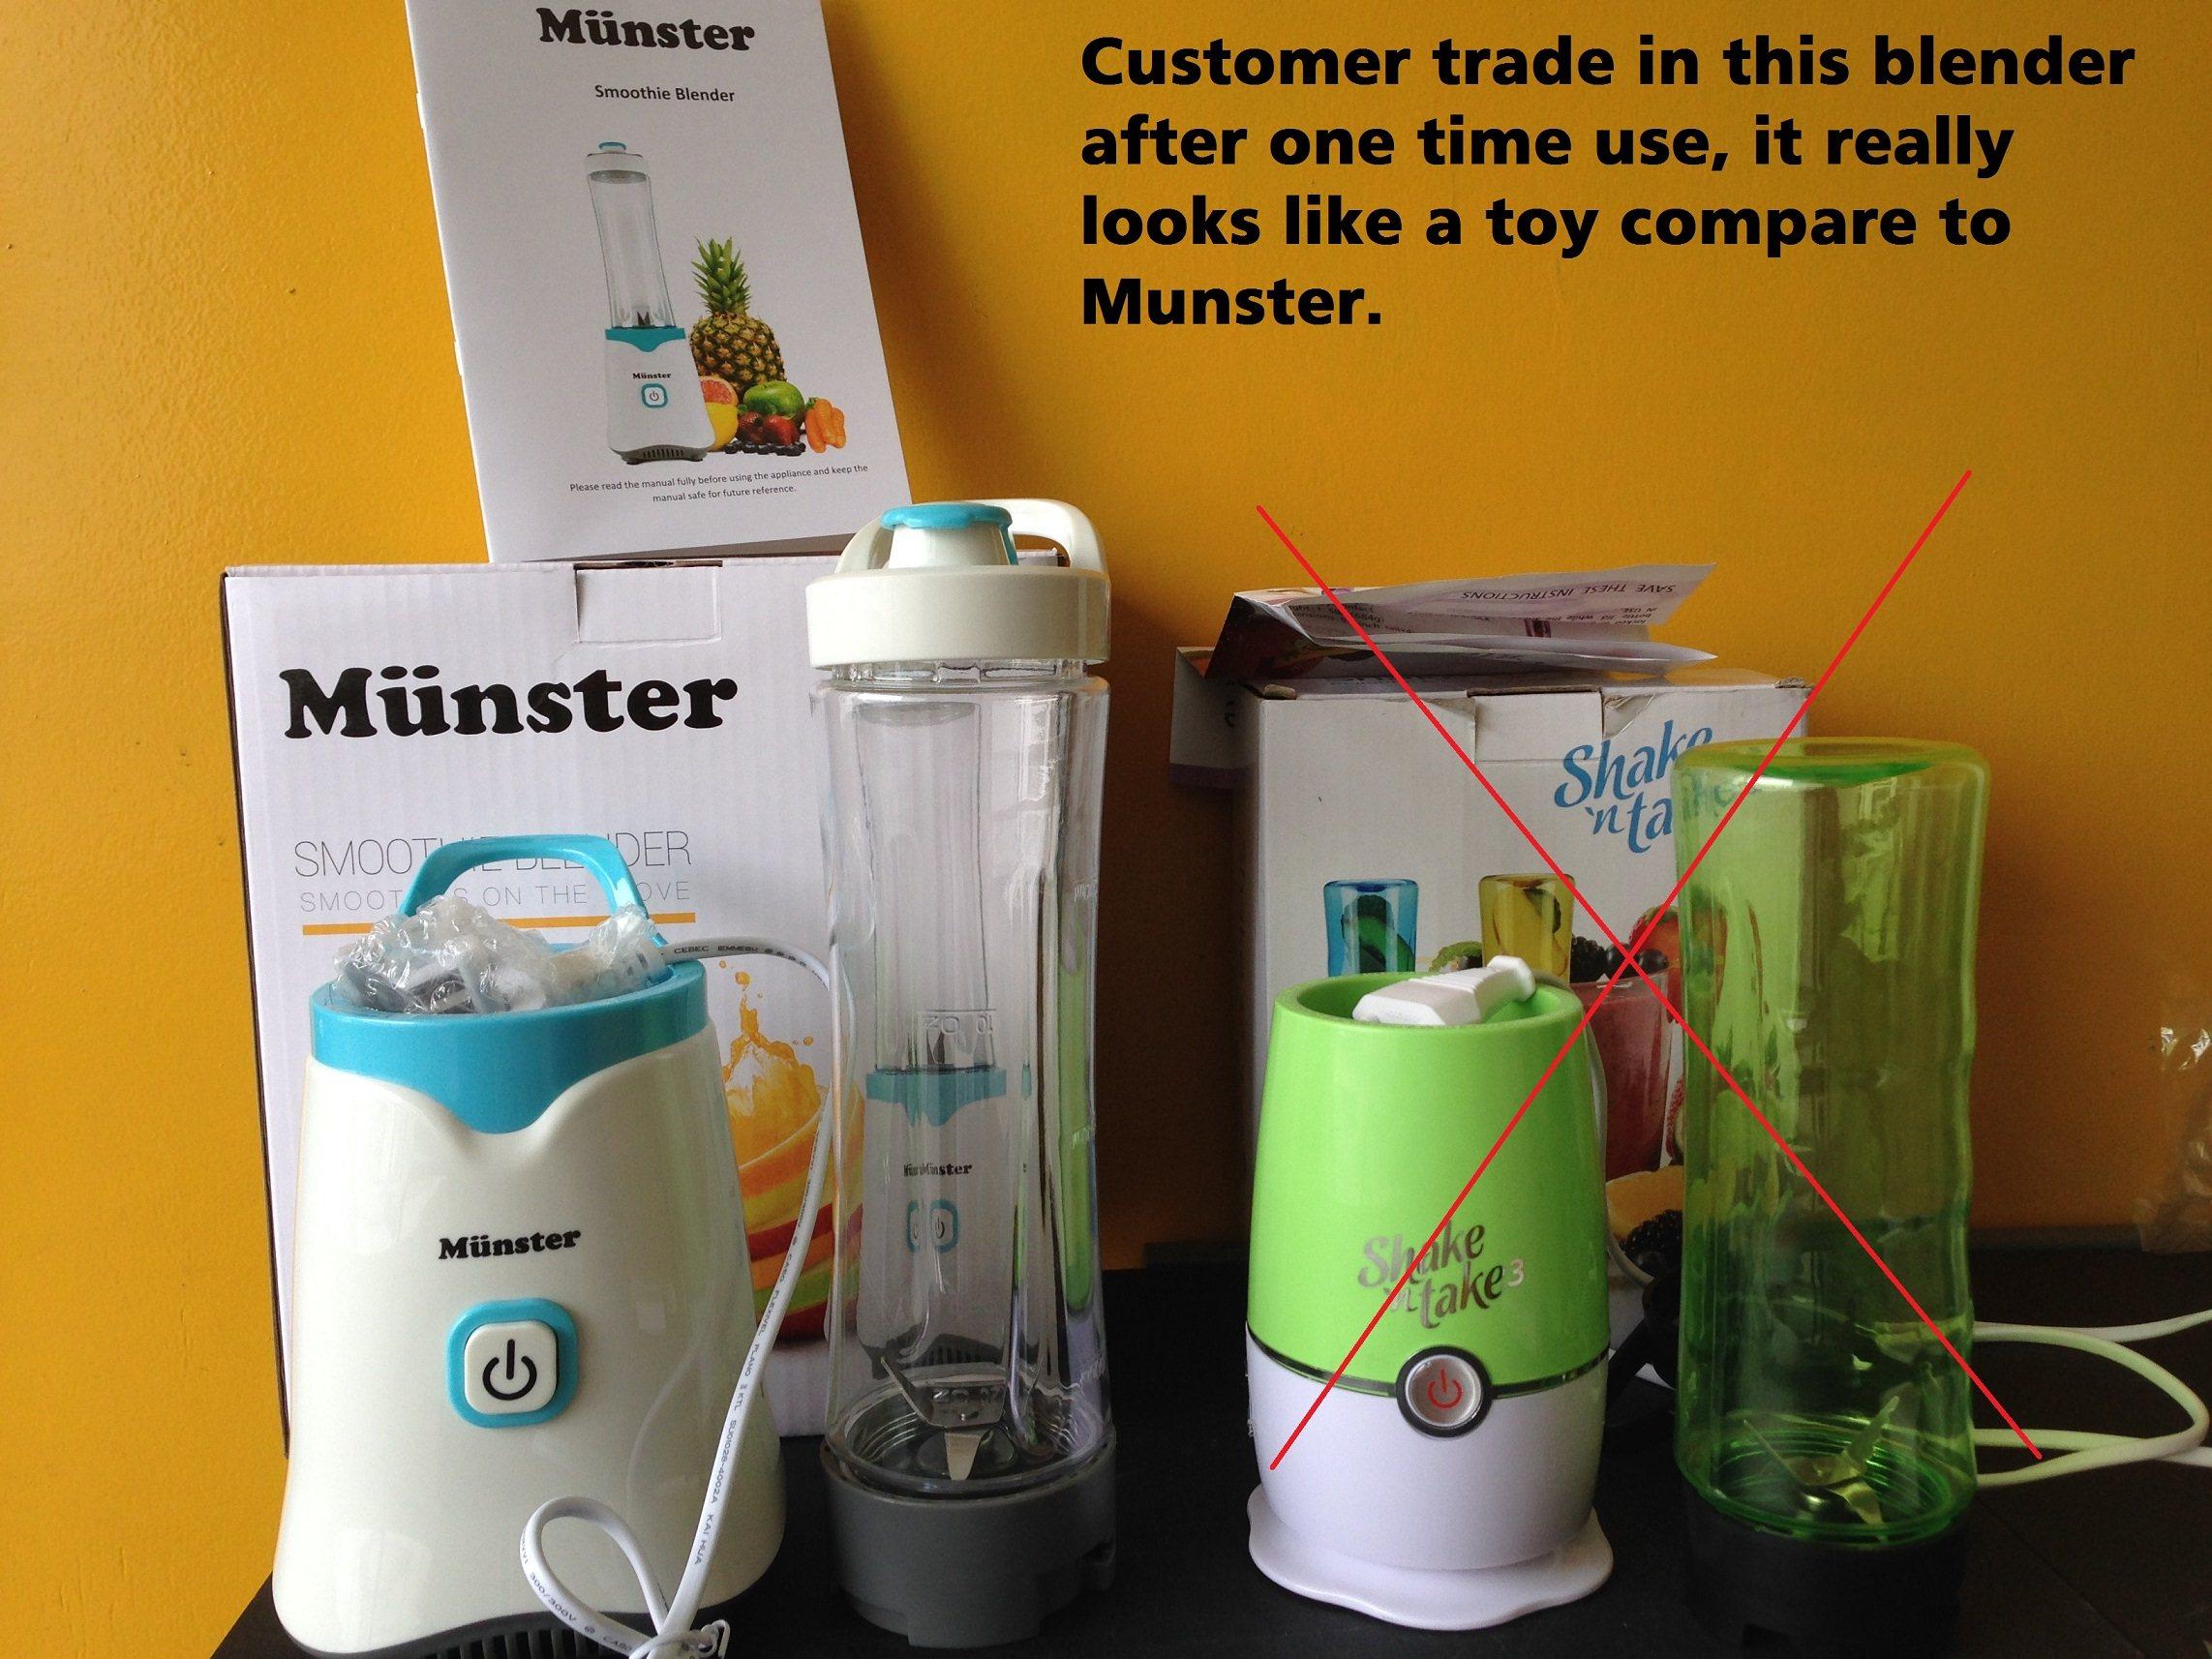 germany design m nster smoothie blender juicer mixer smoothies maker personal blender. Black Bedroom Furniture Sets. Home Design Ideas